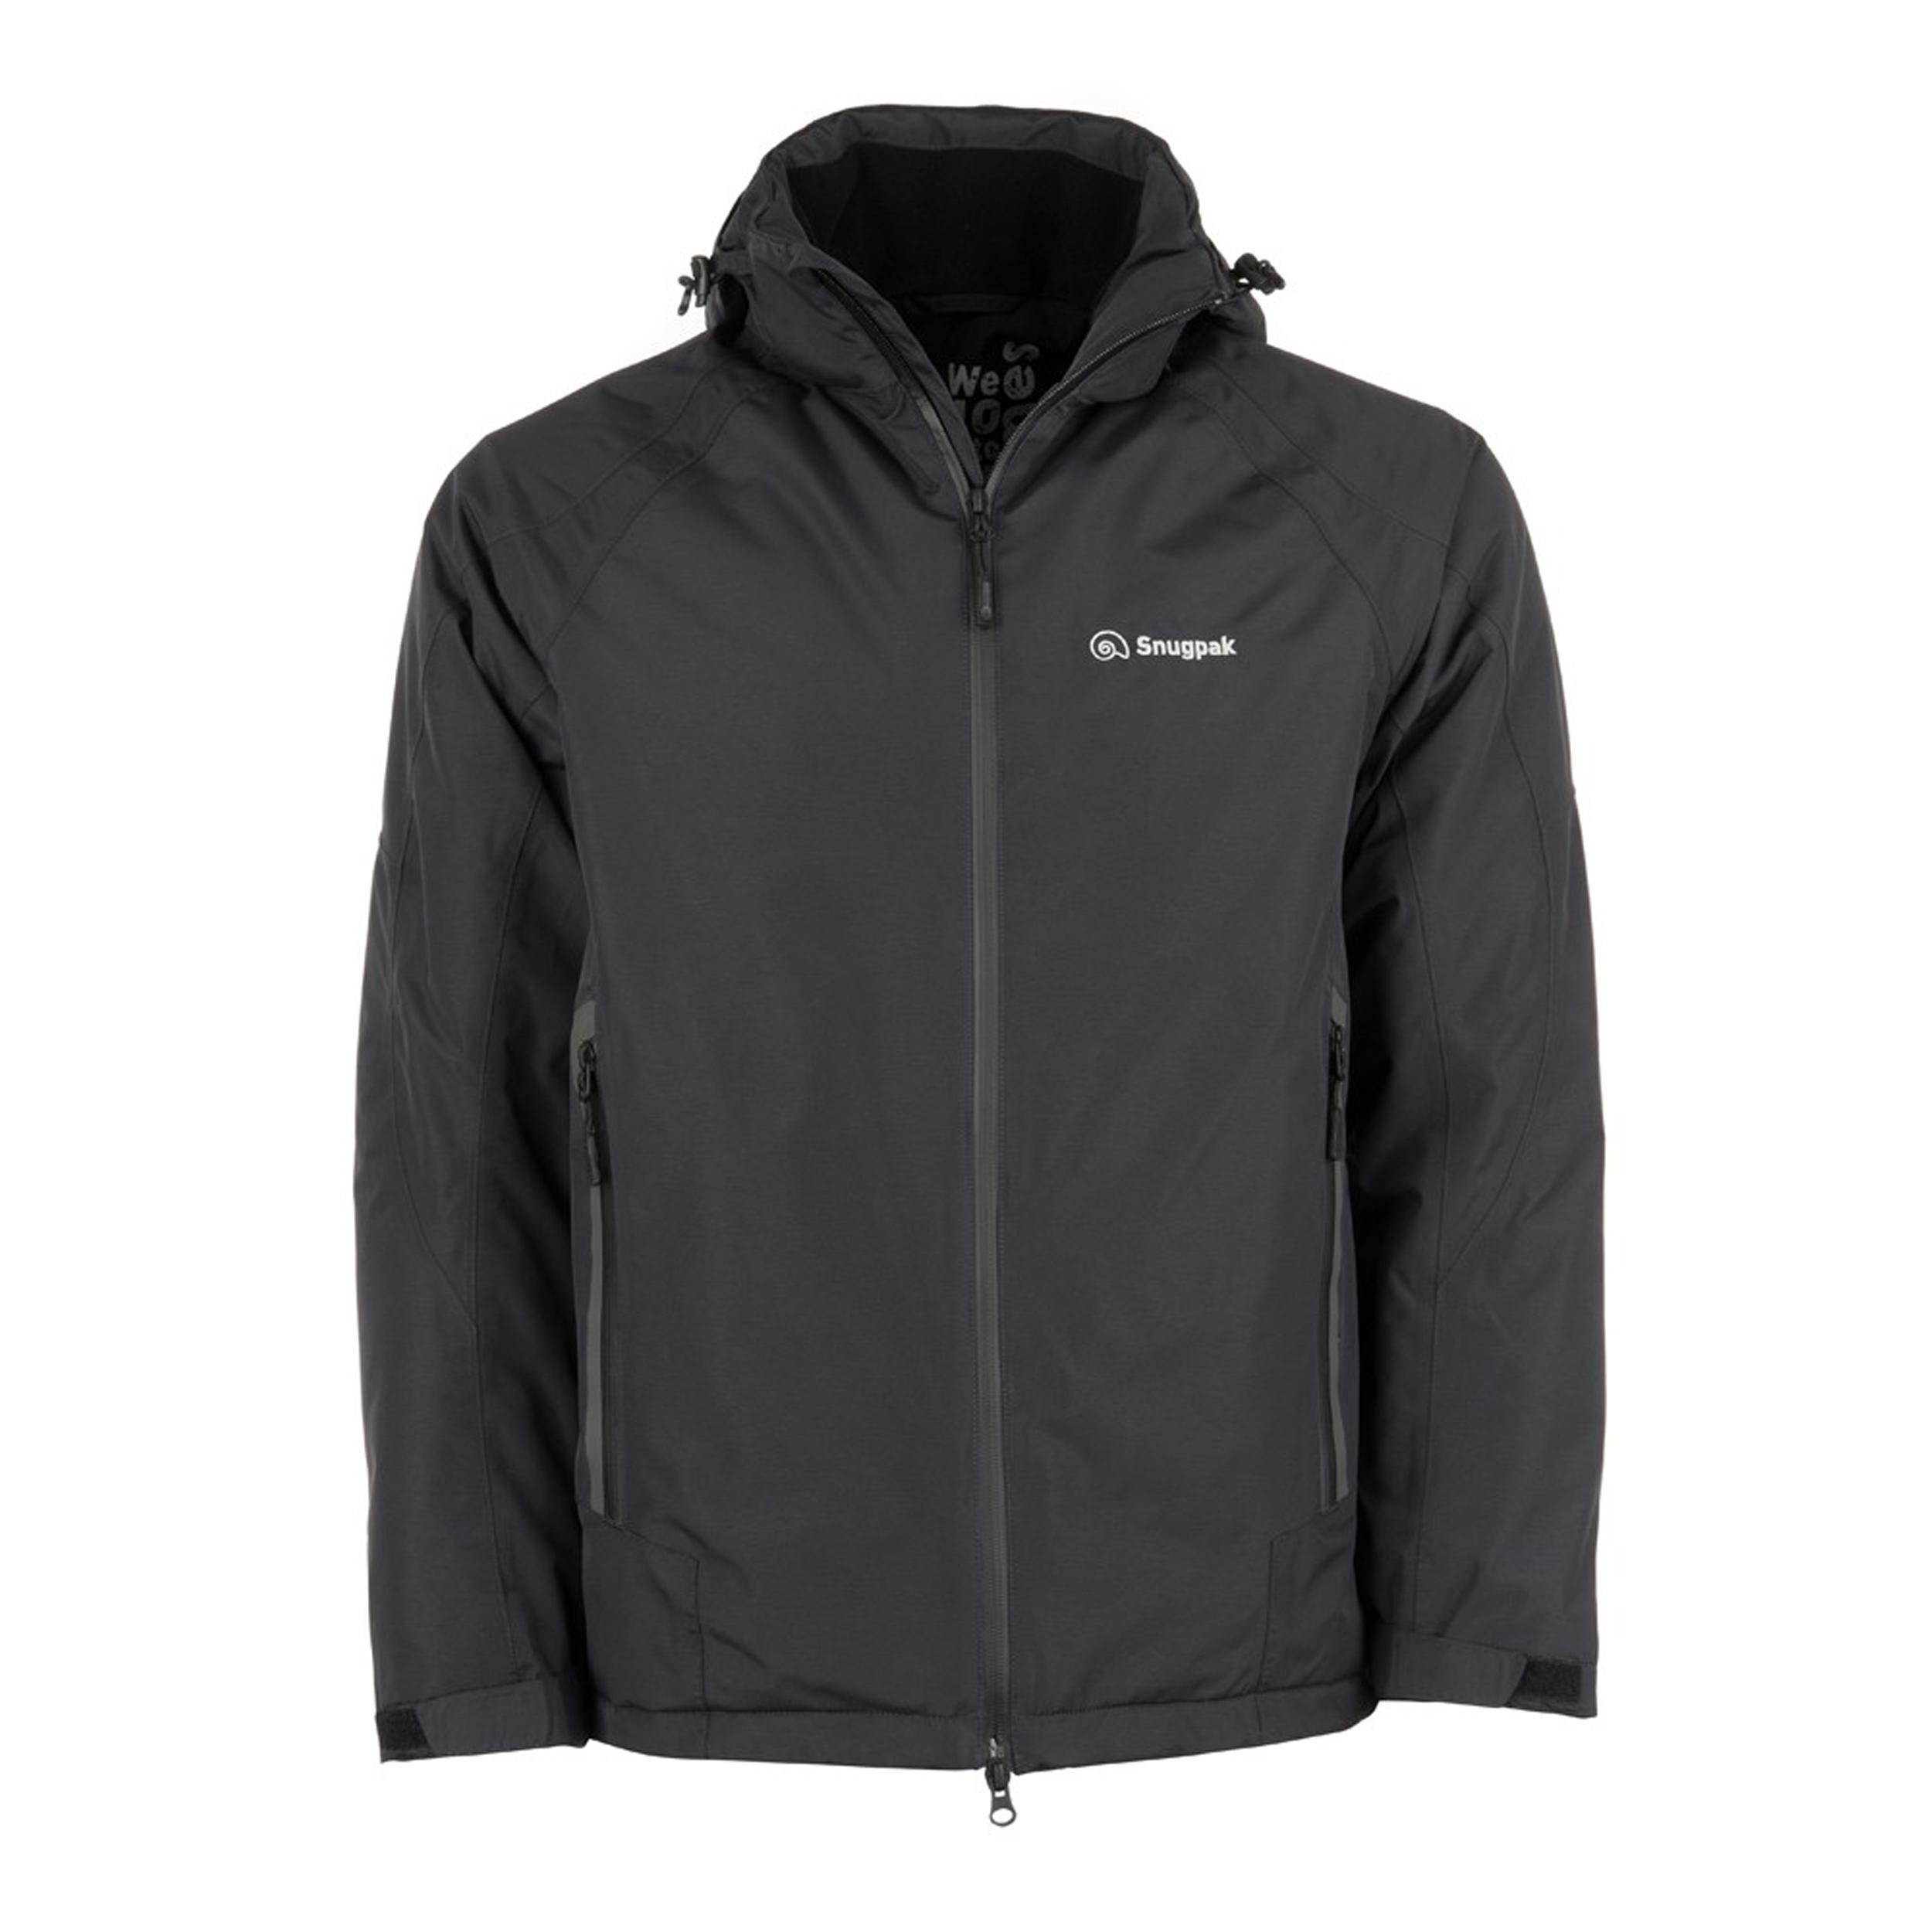 Snugpak Torrent Waterproof Jacket Black SM